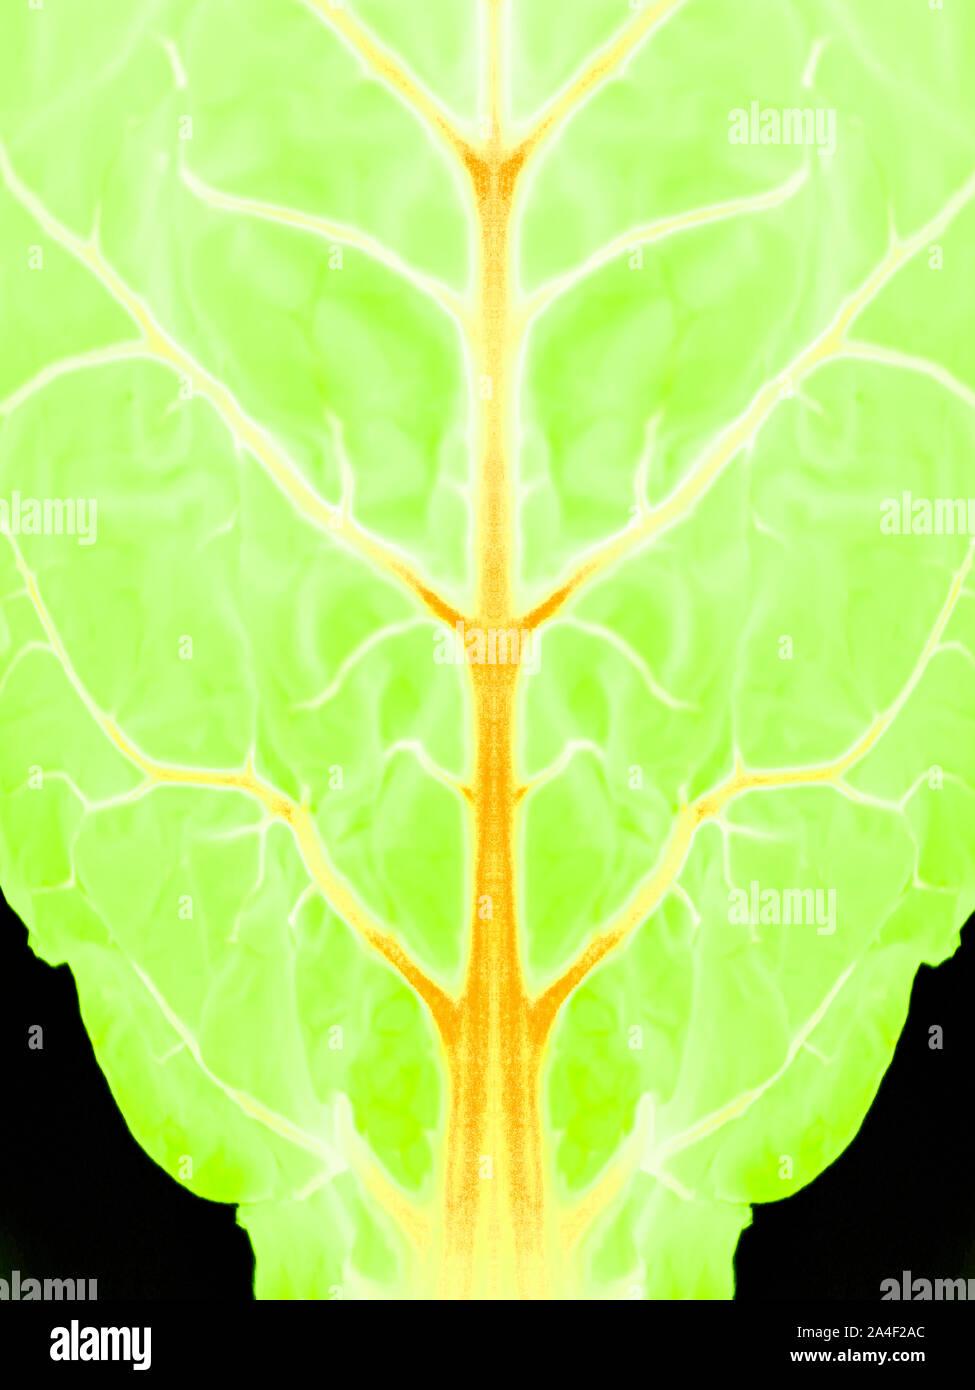 Biología Sintética - Vida Artificial - Resumen ilustración Foto de stock